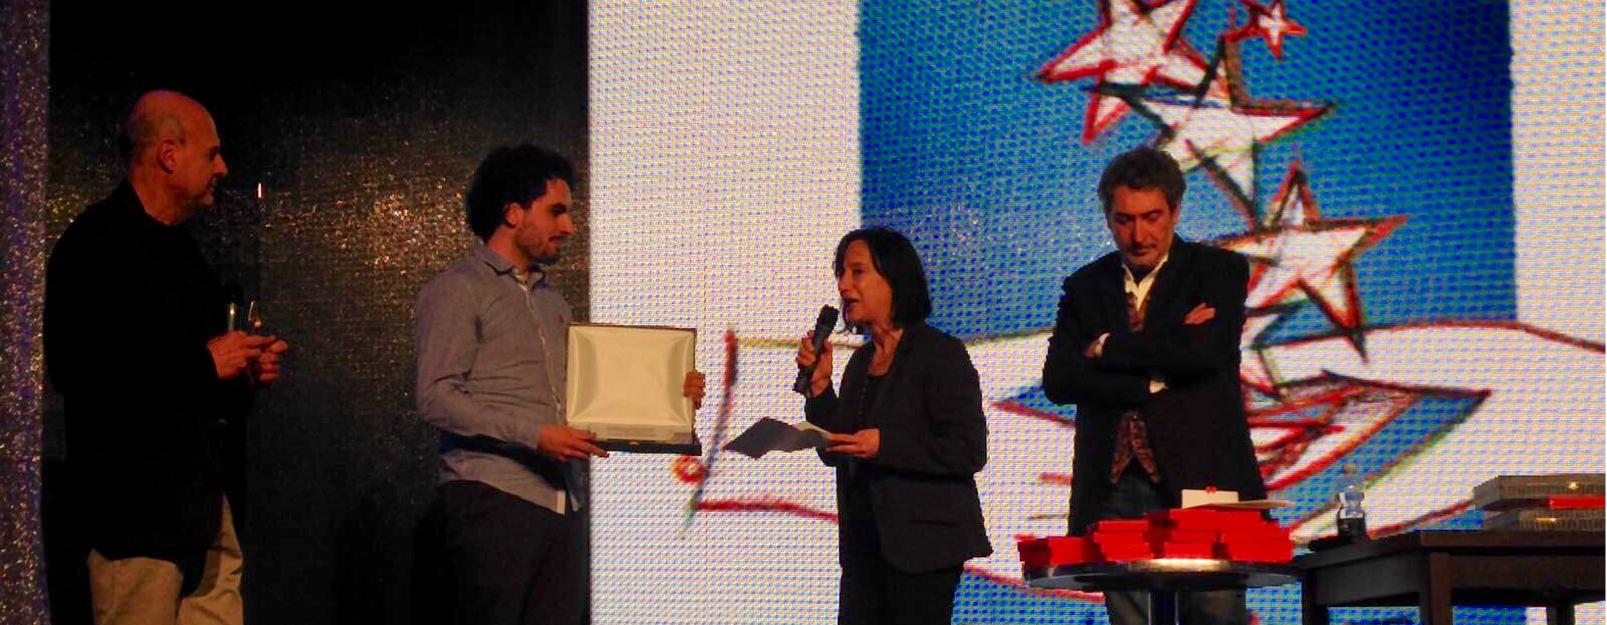 Iniziative Meritorie 2016 - Premiazione